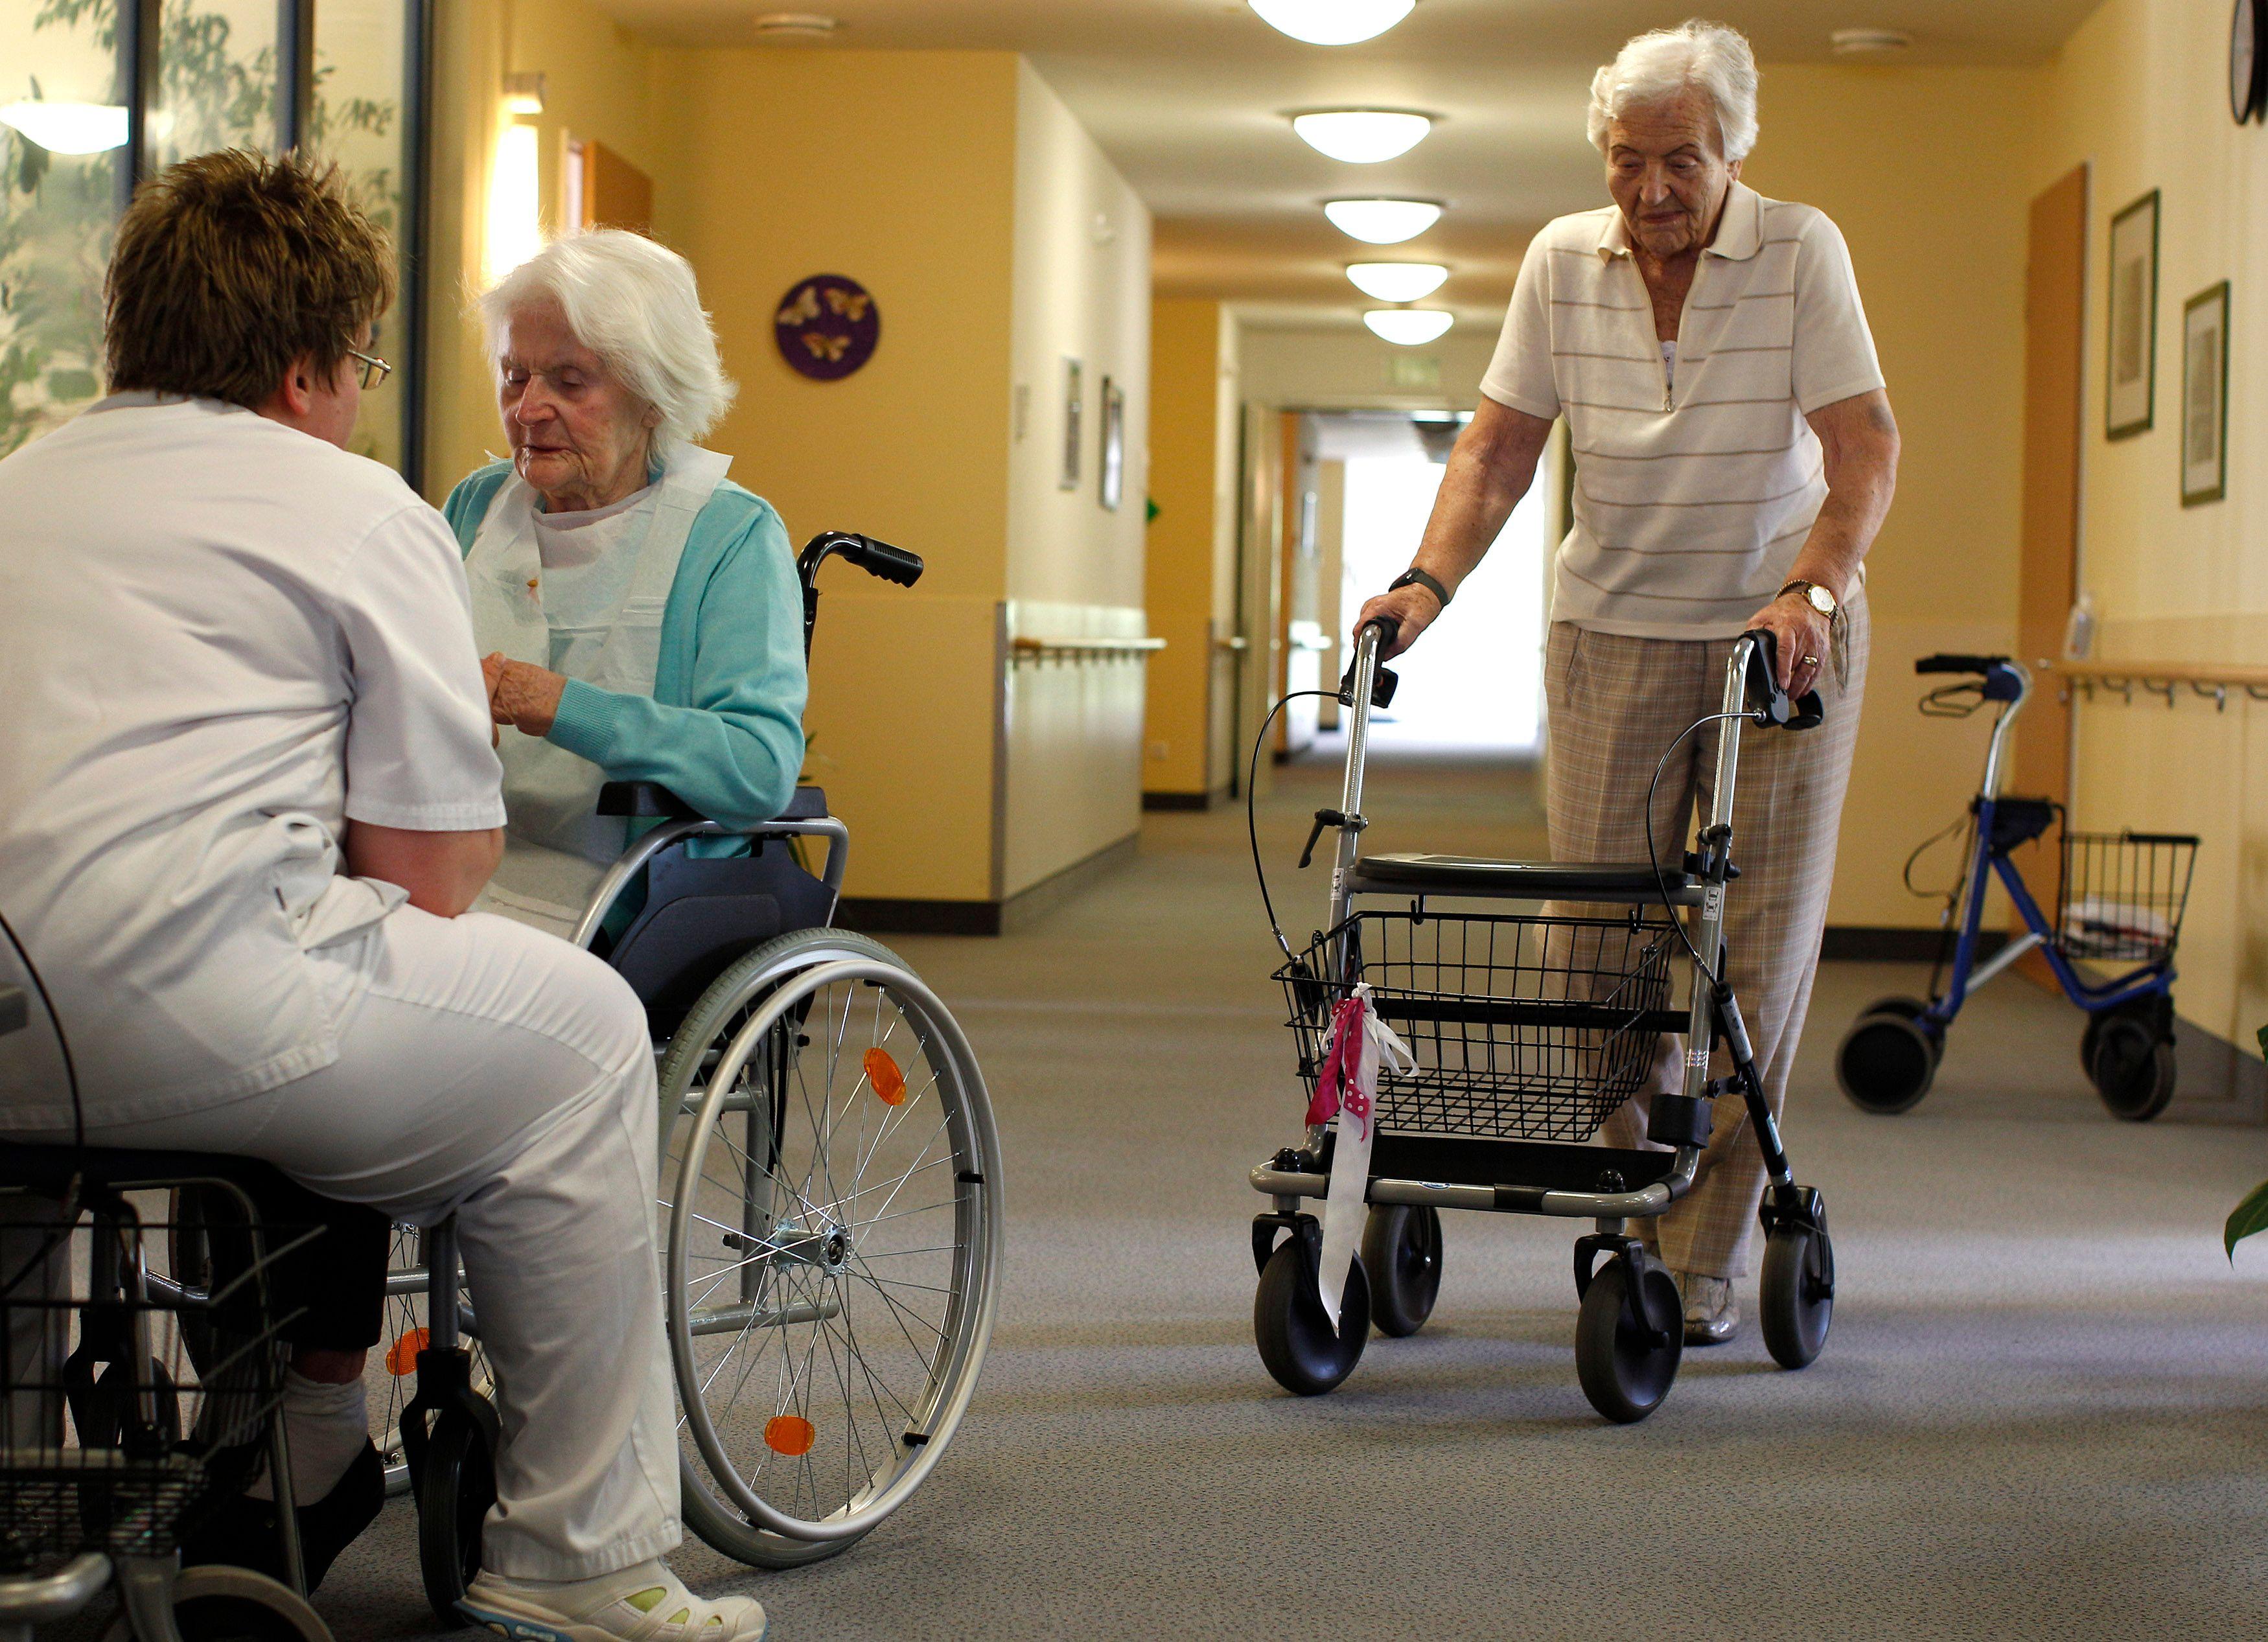 Les maisons de retraite sont loin d'être un havre de tranquilité.